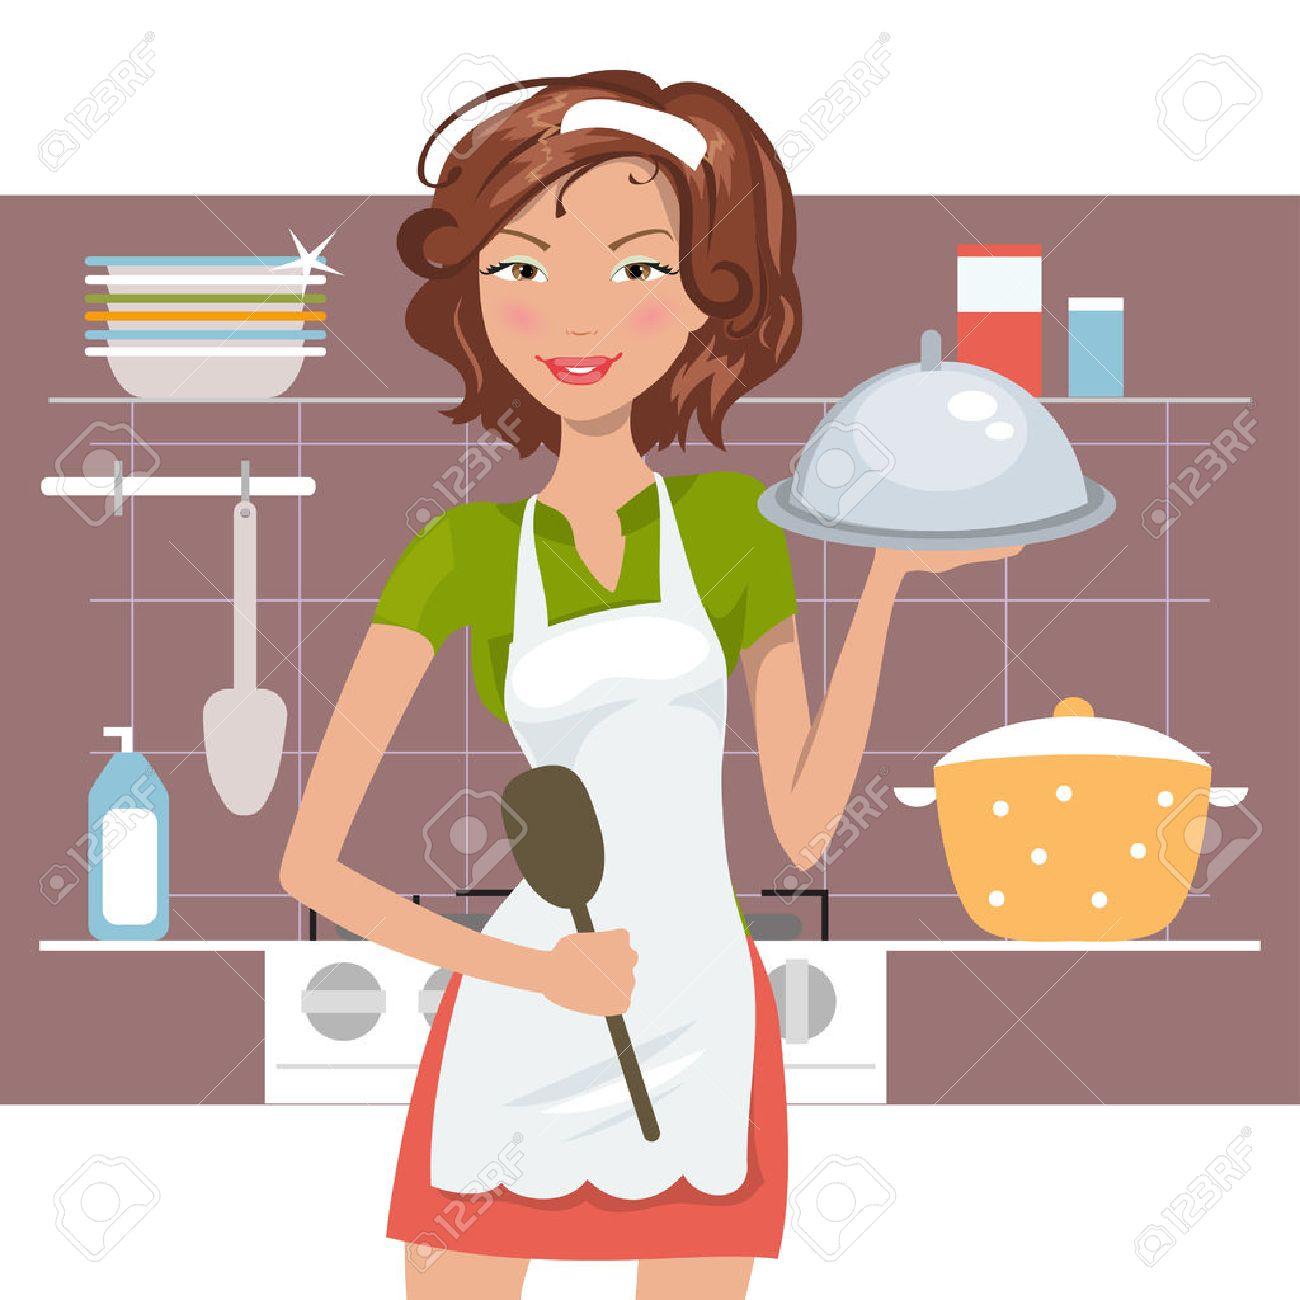 Schöne Frau Koch In Der Küche. Vektor-Illustration Lizenzfrei ...